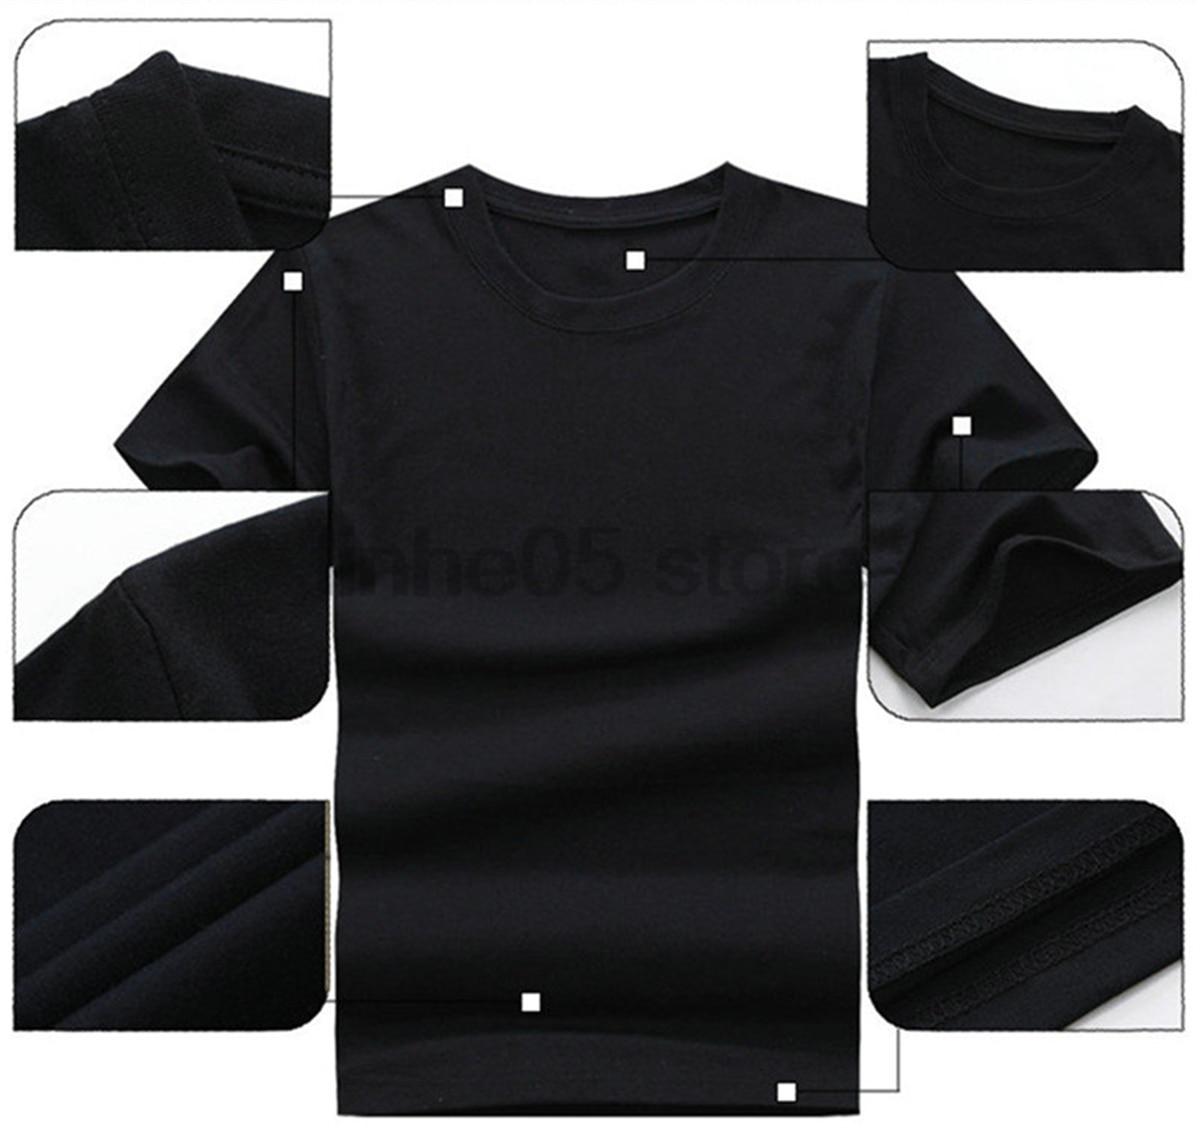 GILDAN Dieting T-Shirt Bathroom Scale Weight Pounds Womens T-shirt